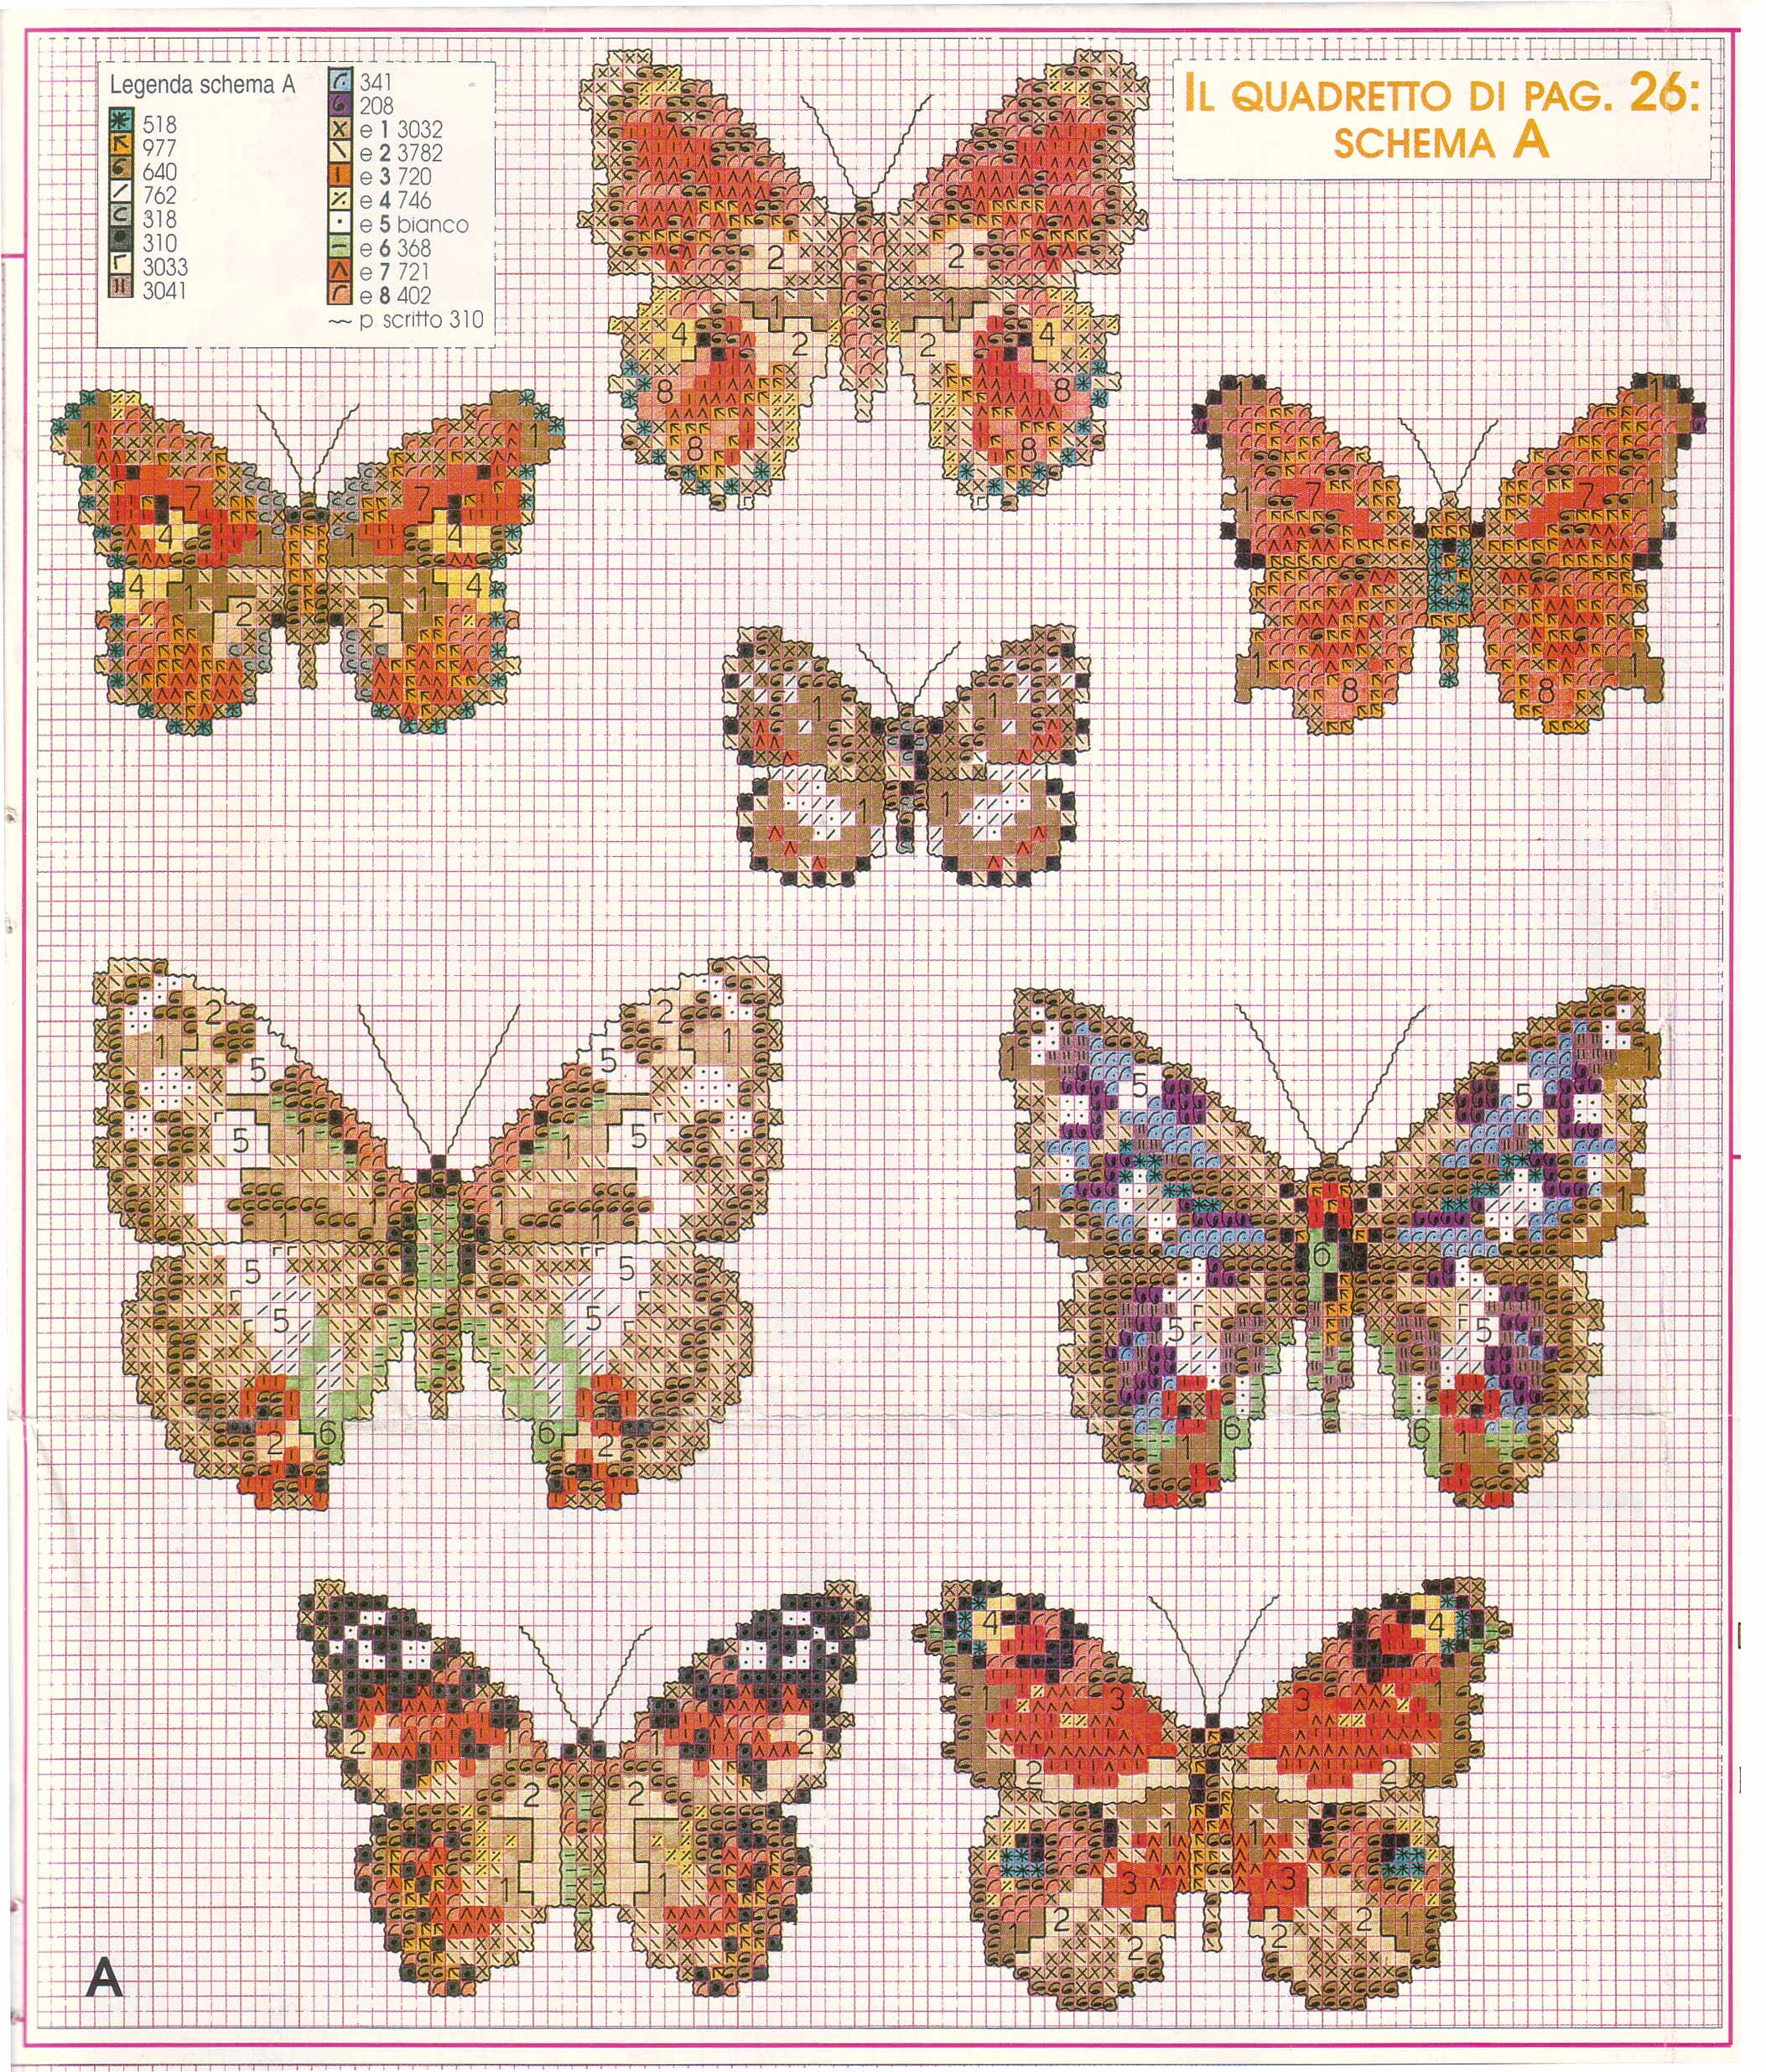 Schemi di farfalle punto croce molto realistiche 6 for Farfalle punto croce